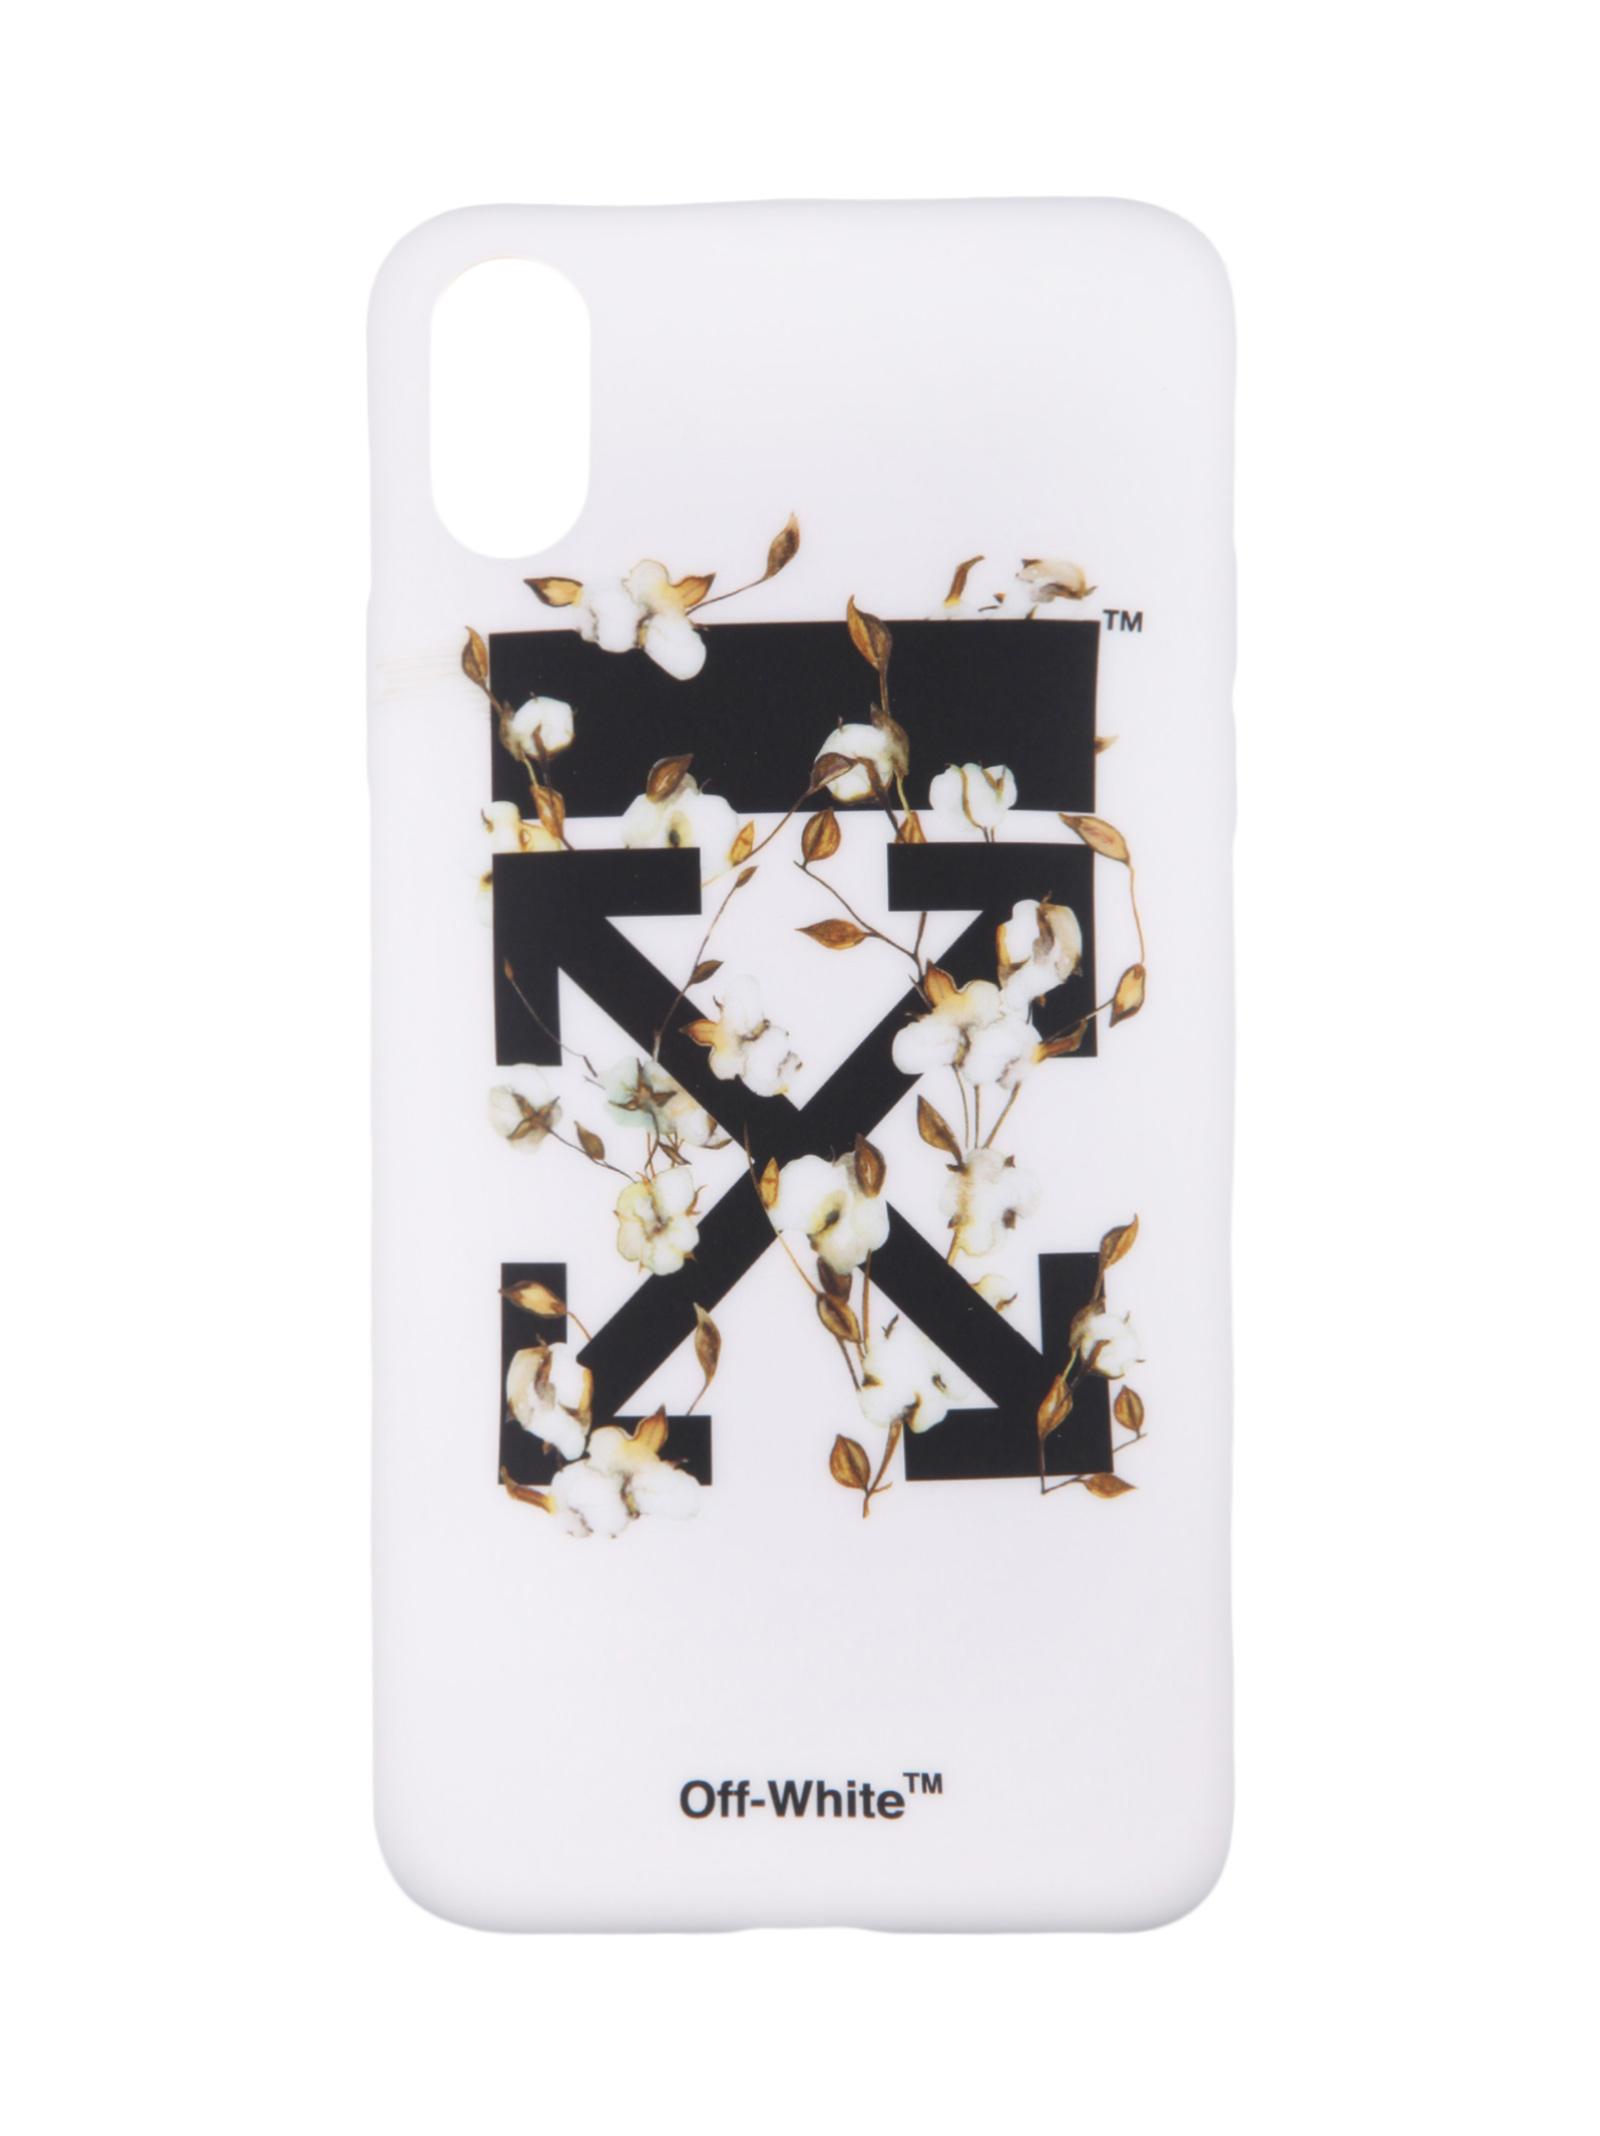 Off-White case